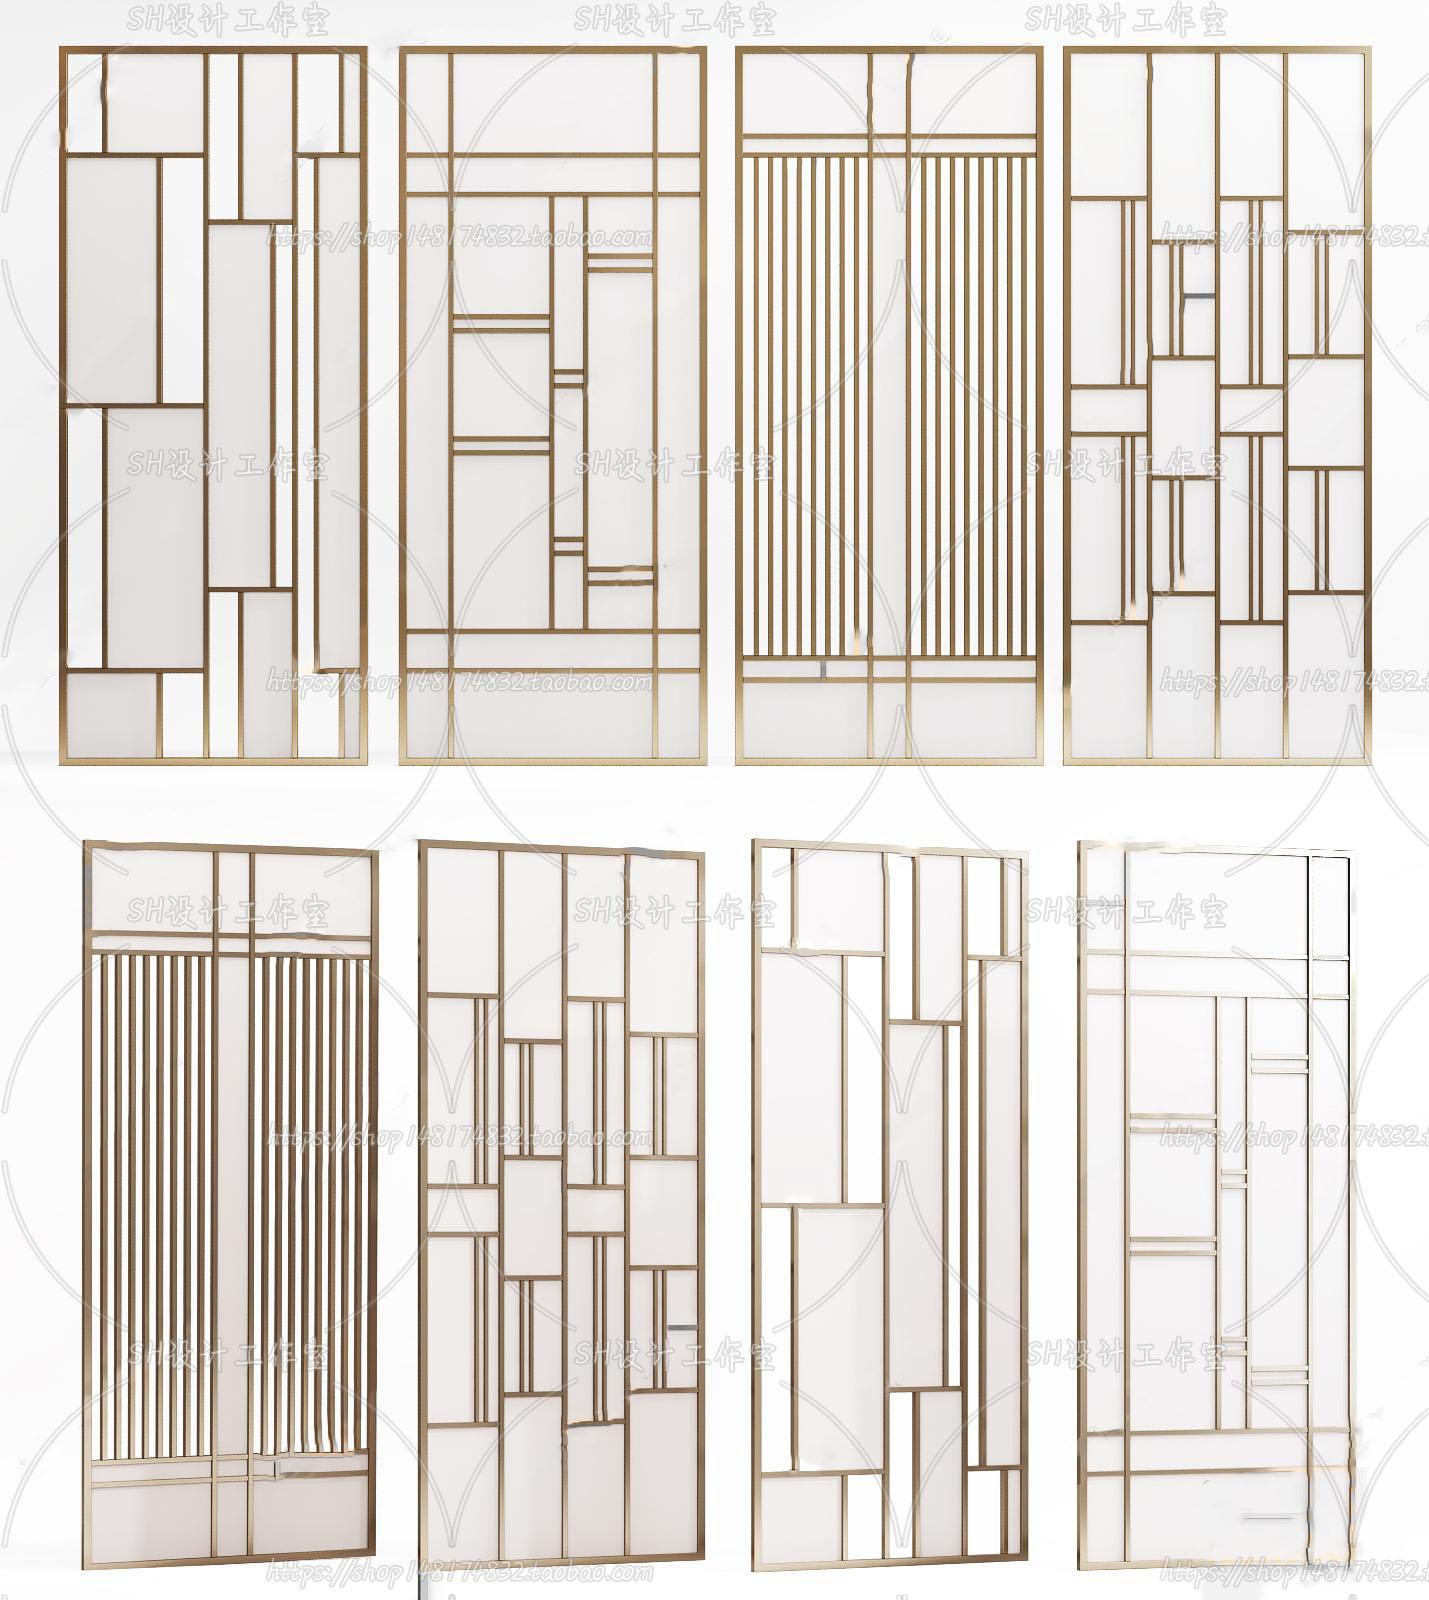 3DSKY FREE – CNC PANELS – VOL.4 – No.029